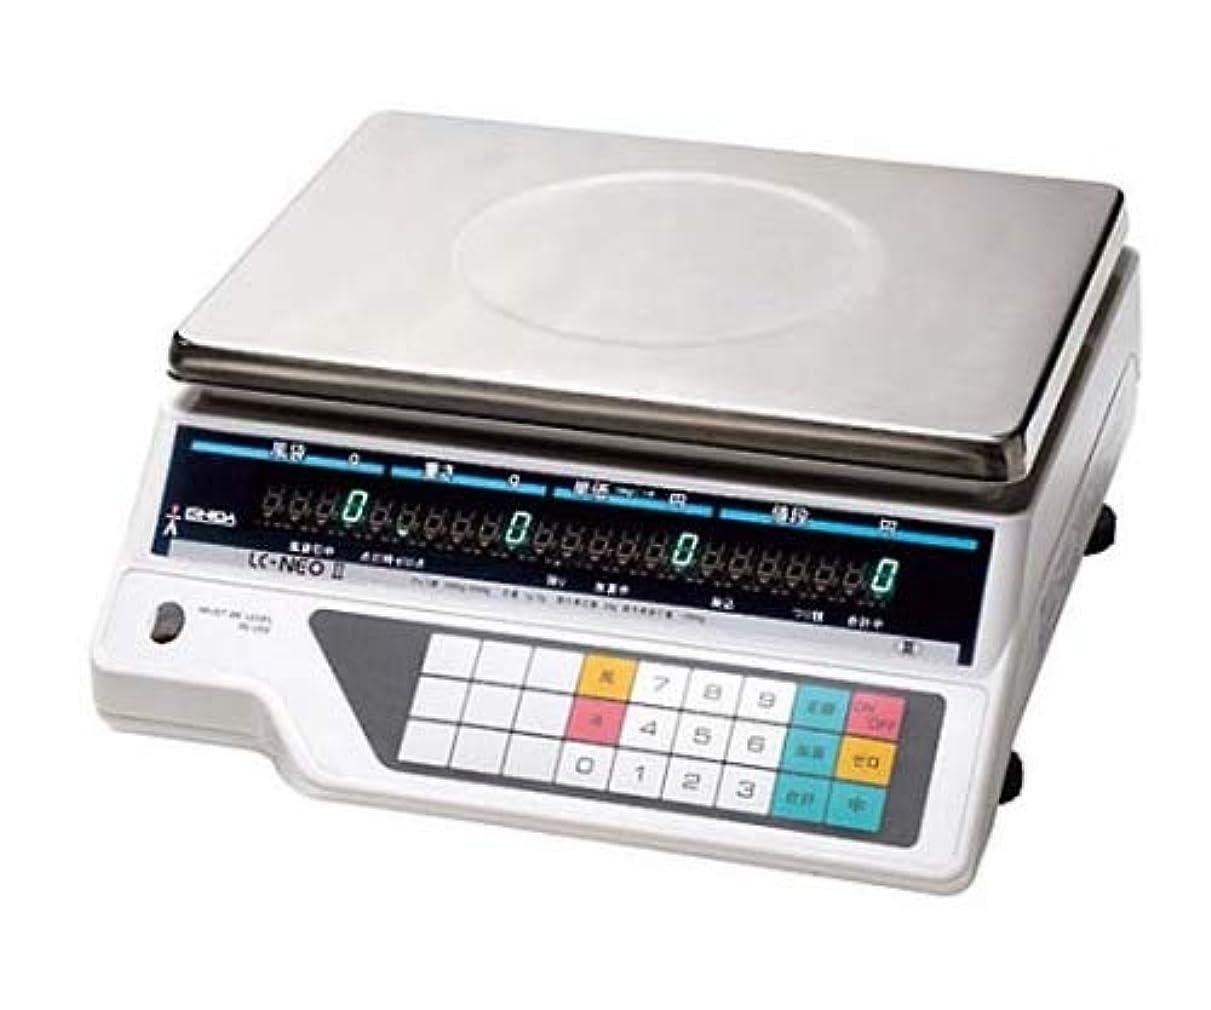 ダイアクリティカルエステート減少デジタル演算はかり 6Kg LC-NEOII/61-7867-53